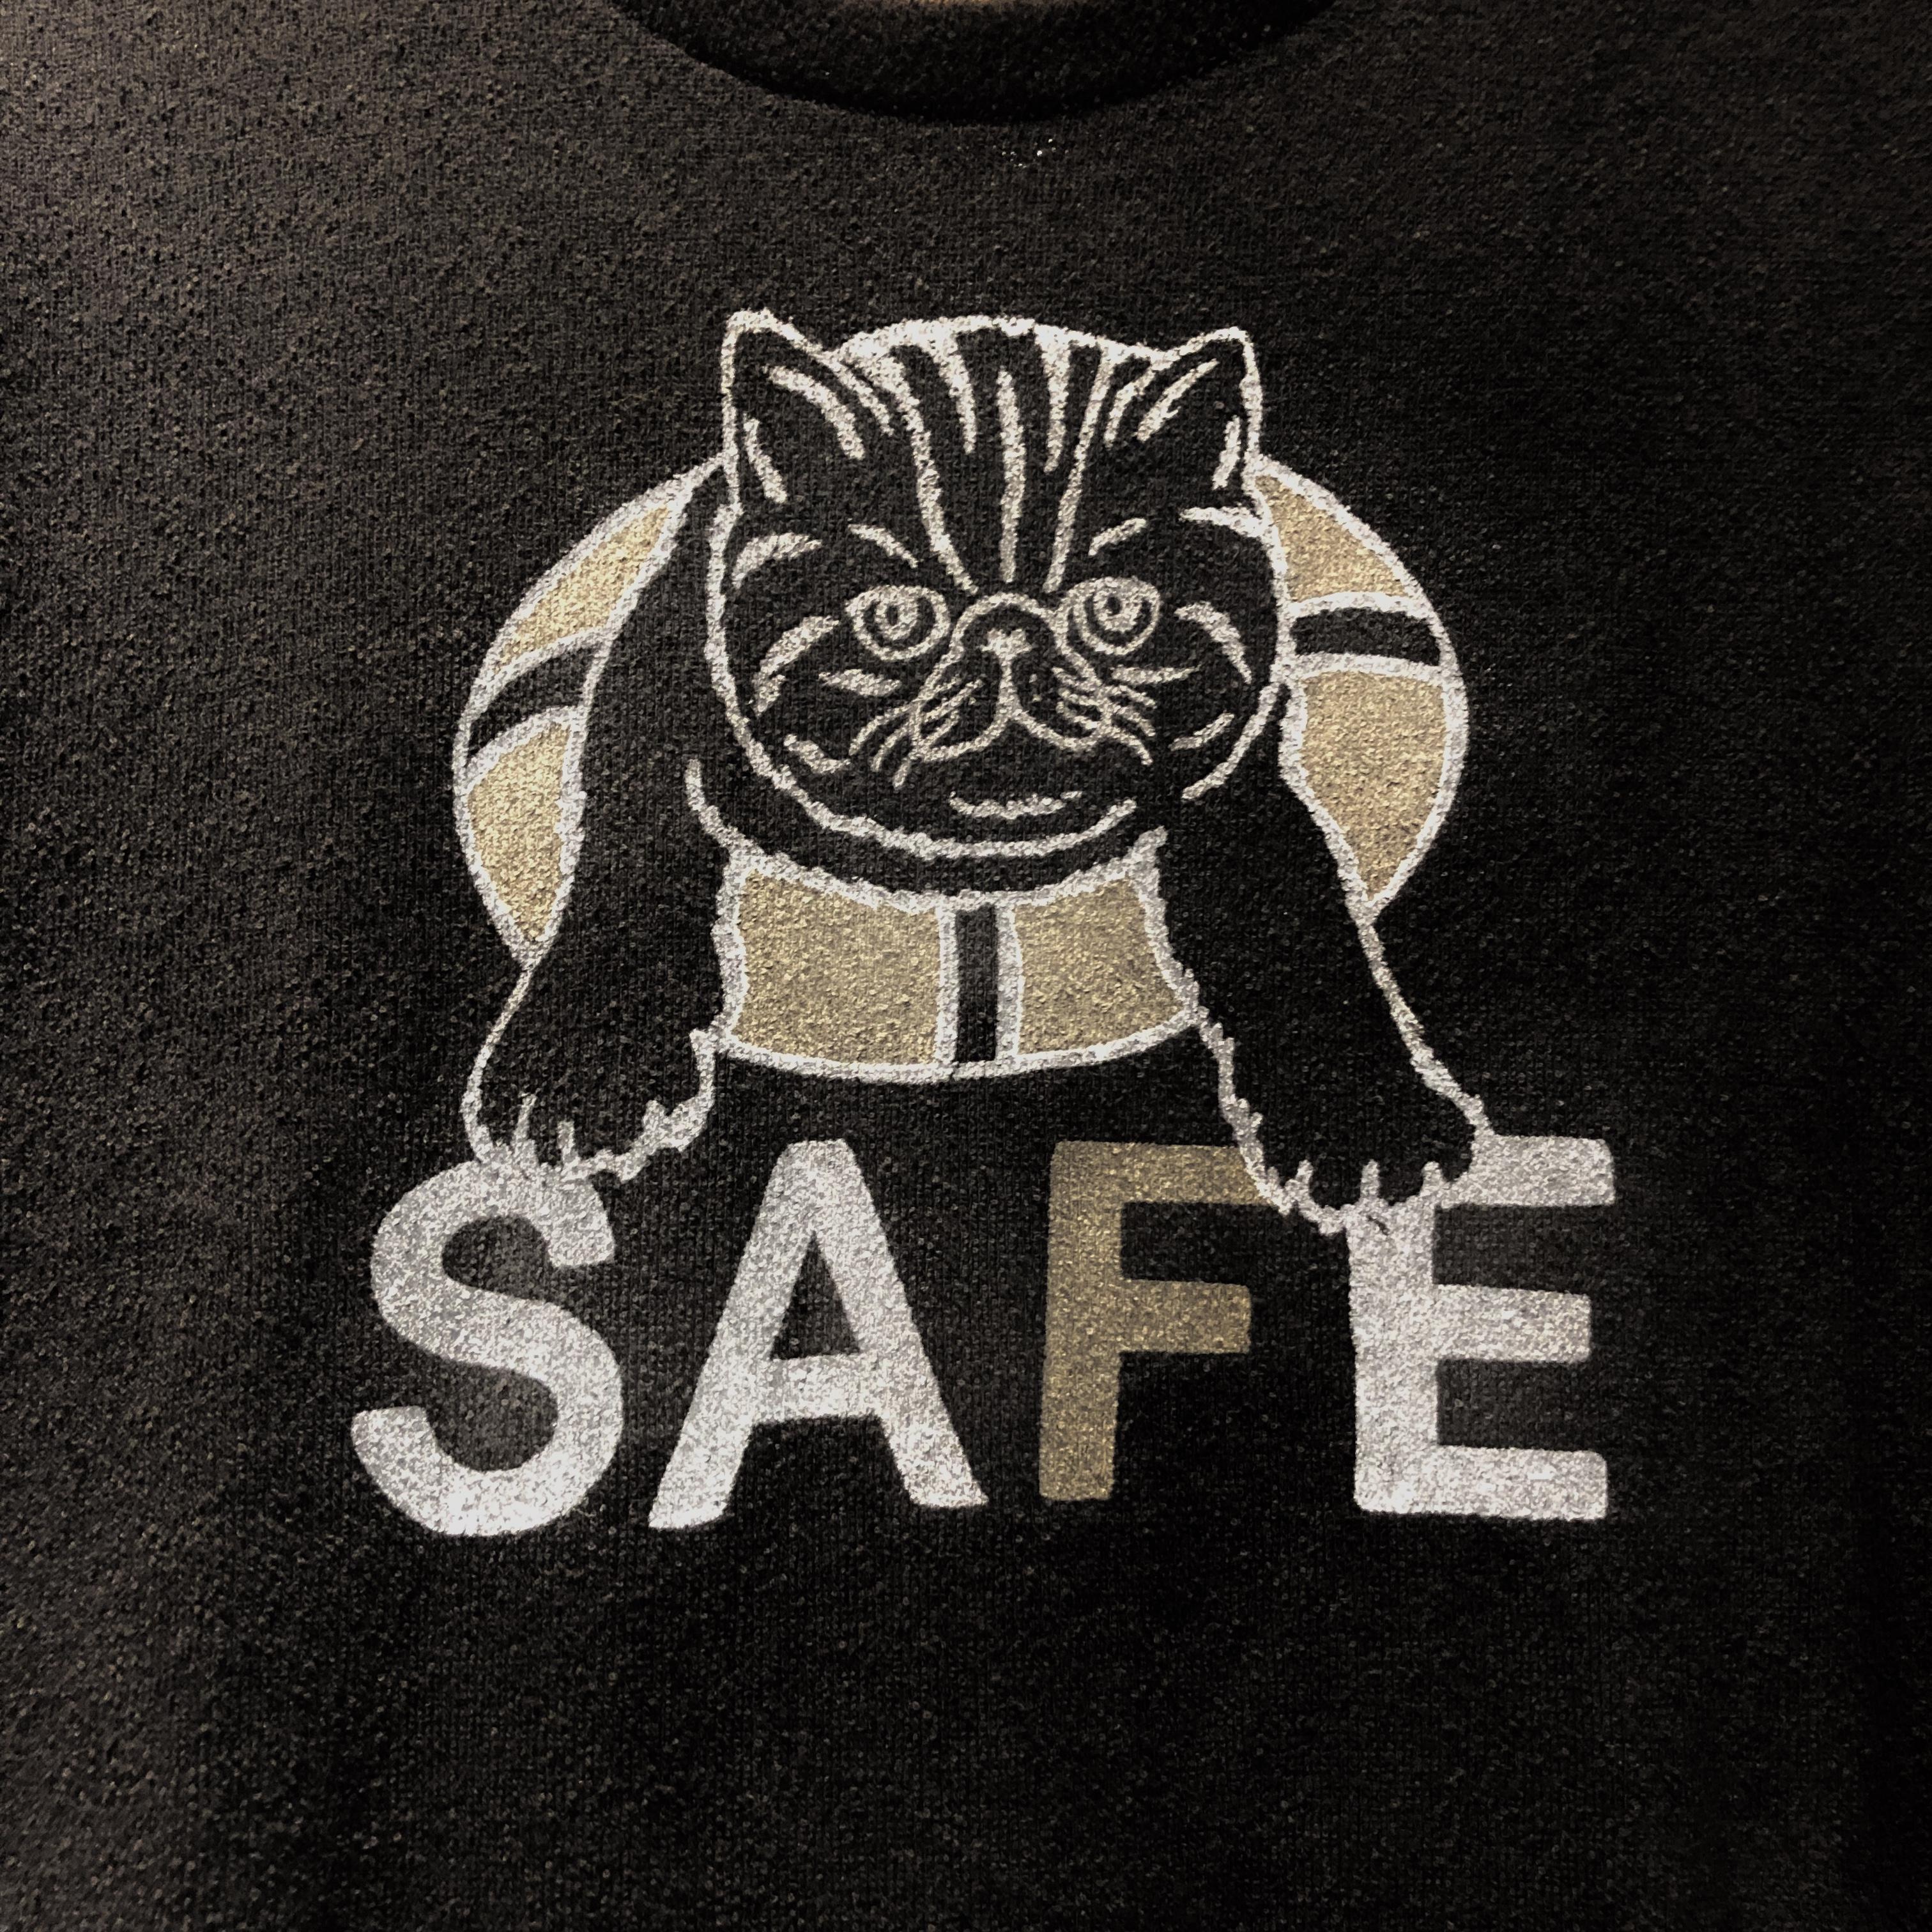 【ふわふわ♪タオルT】猫好きにはわかる、このプリントの良さ 笑